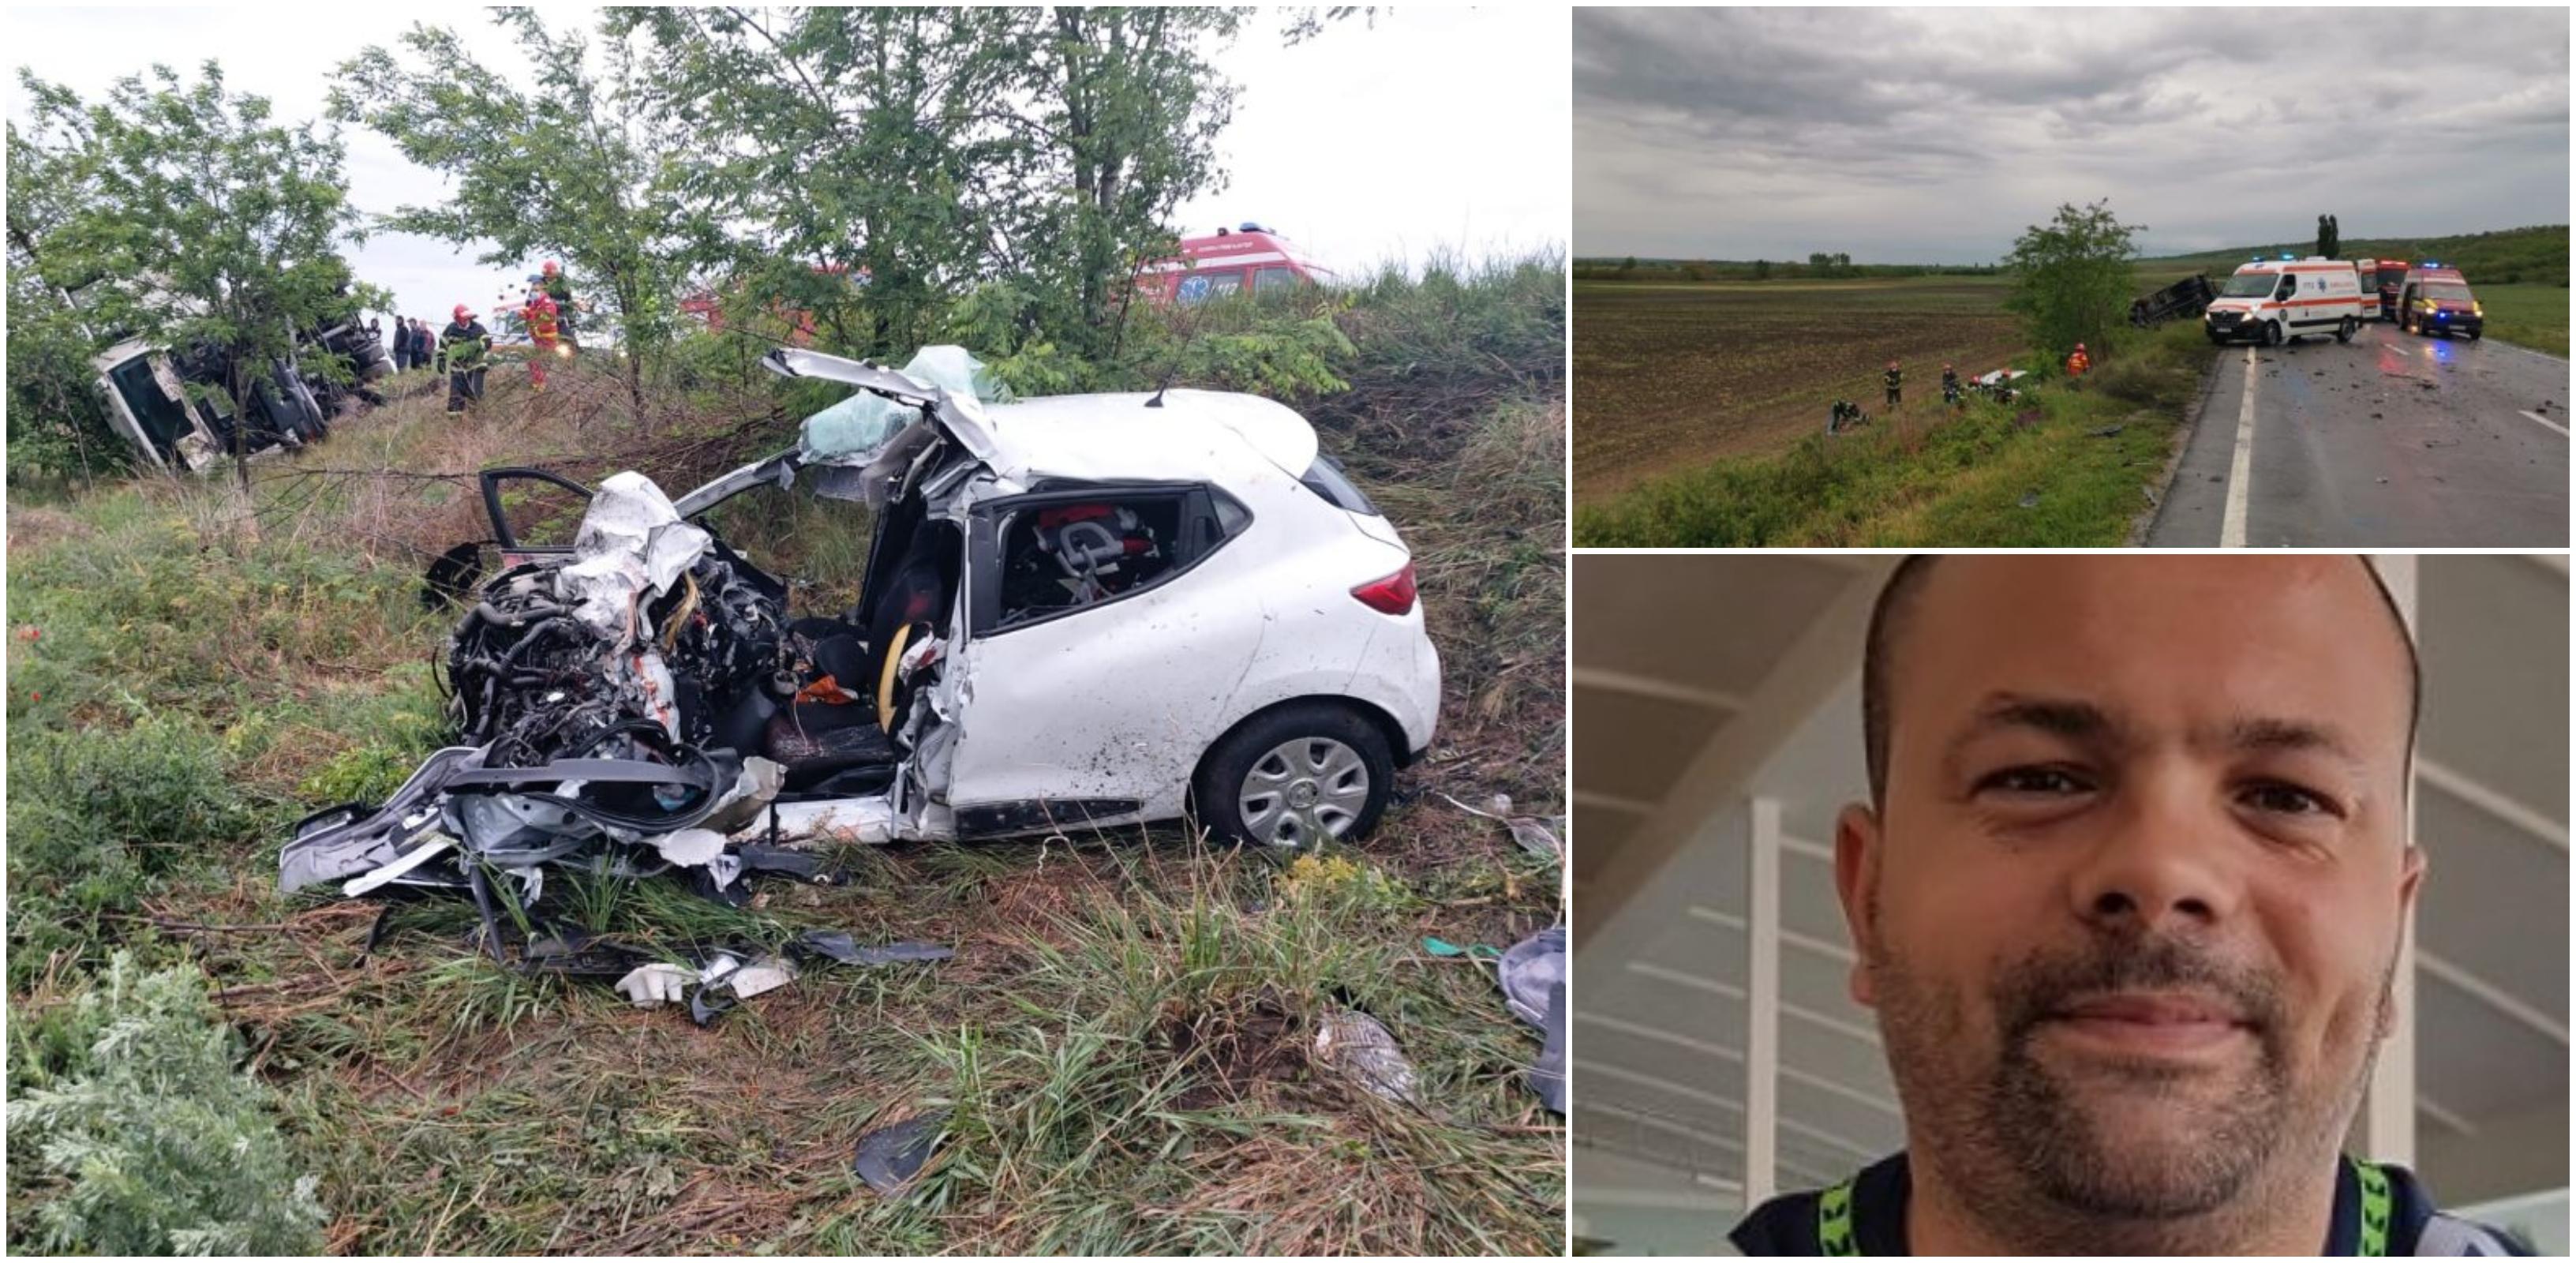 Doi tineri părinți și bebelușul lor de 10 luni au murit în Galați. Un polițist a plâns când a ajuns la scena accidentului rutier | Demamici.ro